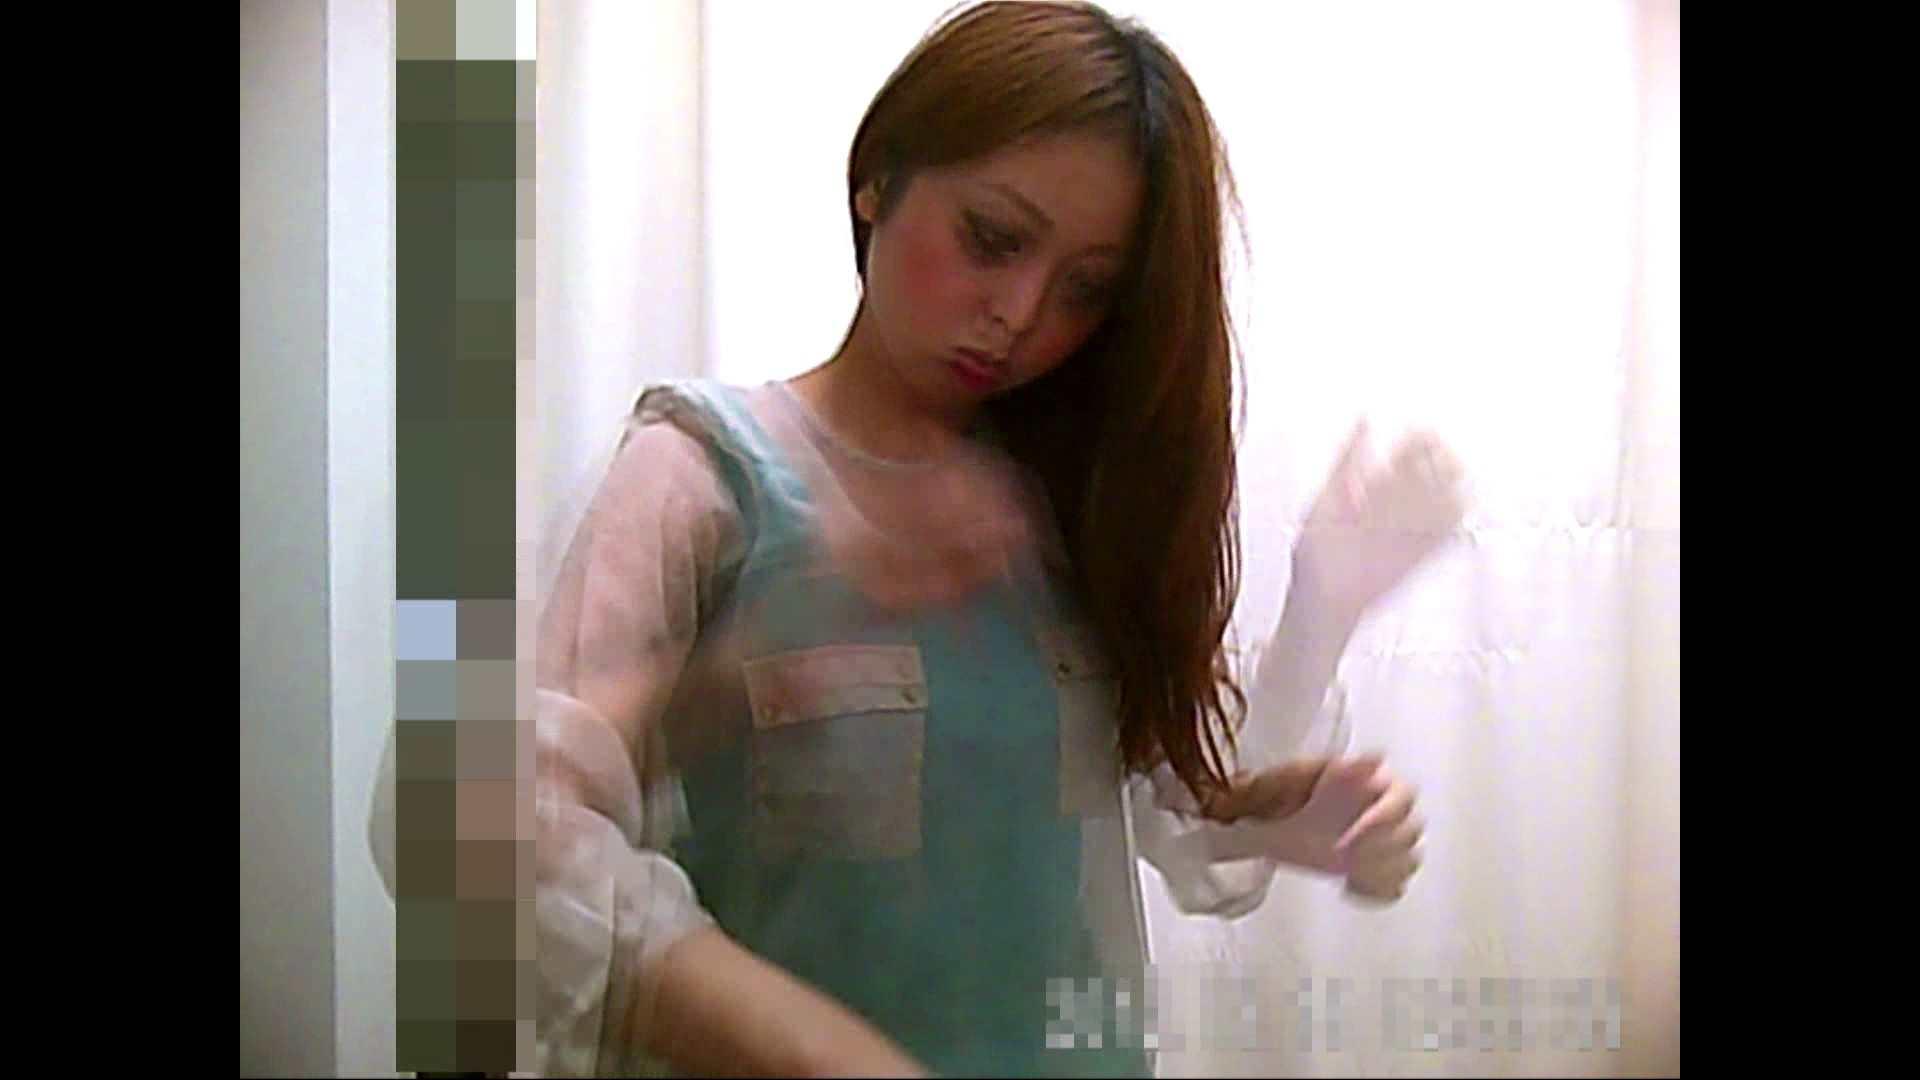 病院おもいっきり着替え! vol.243 着替え 隠し撮りオマンコ動画紹介 94連発 13